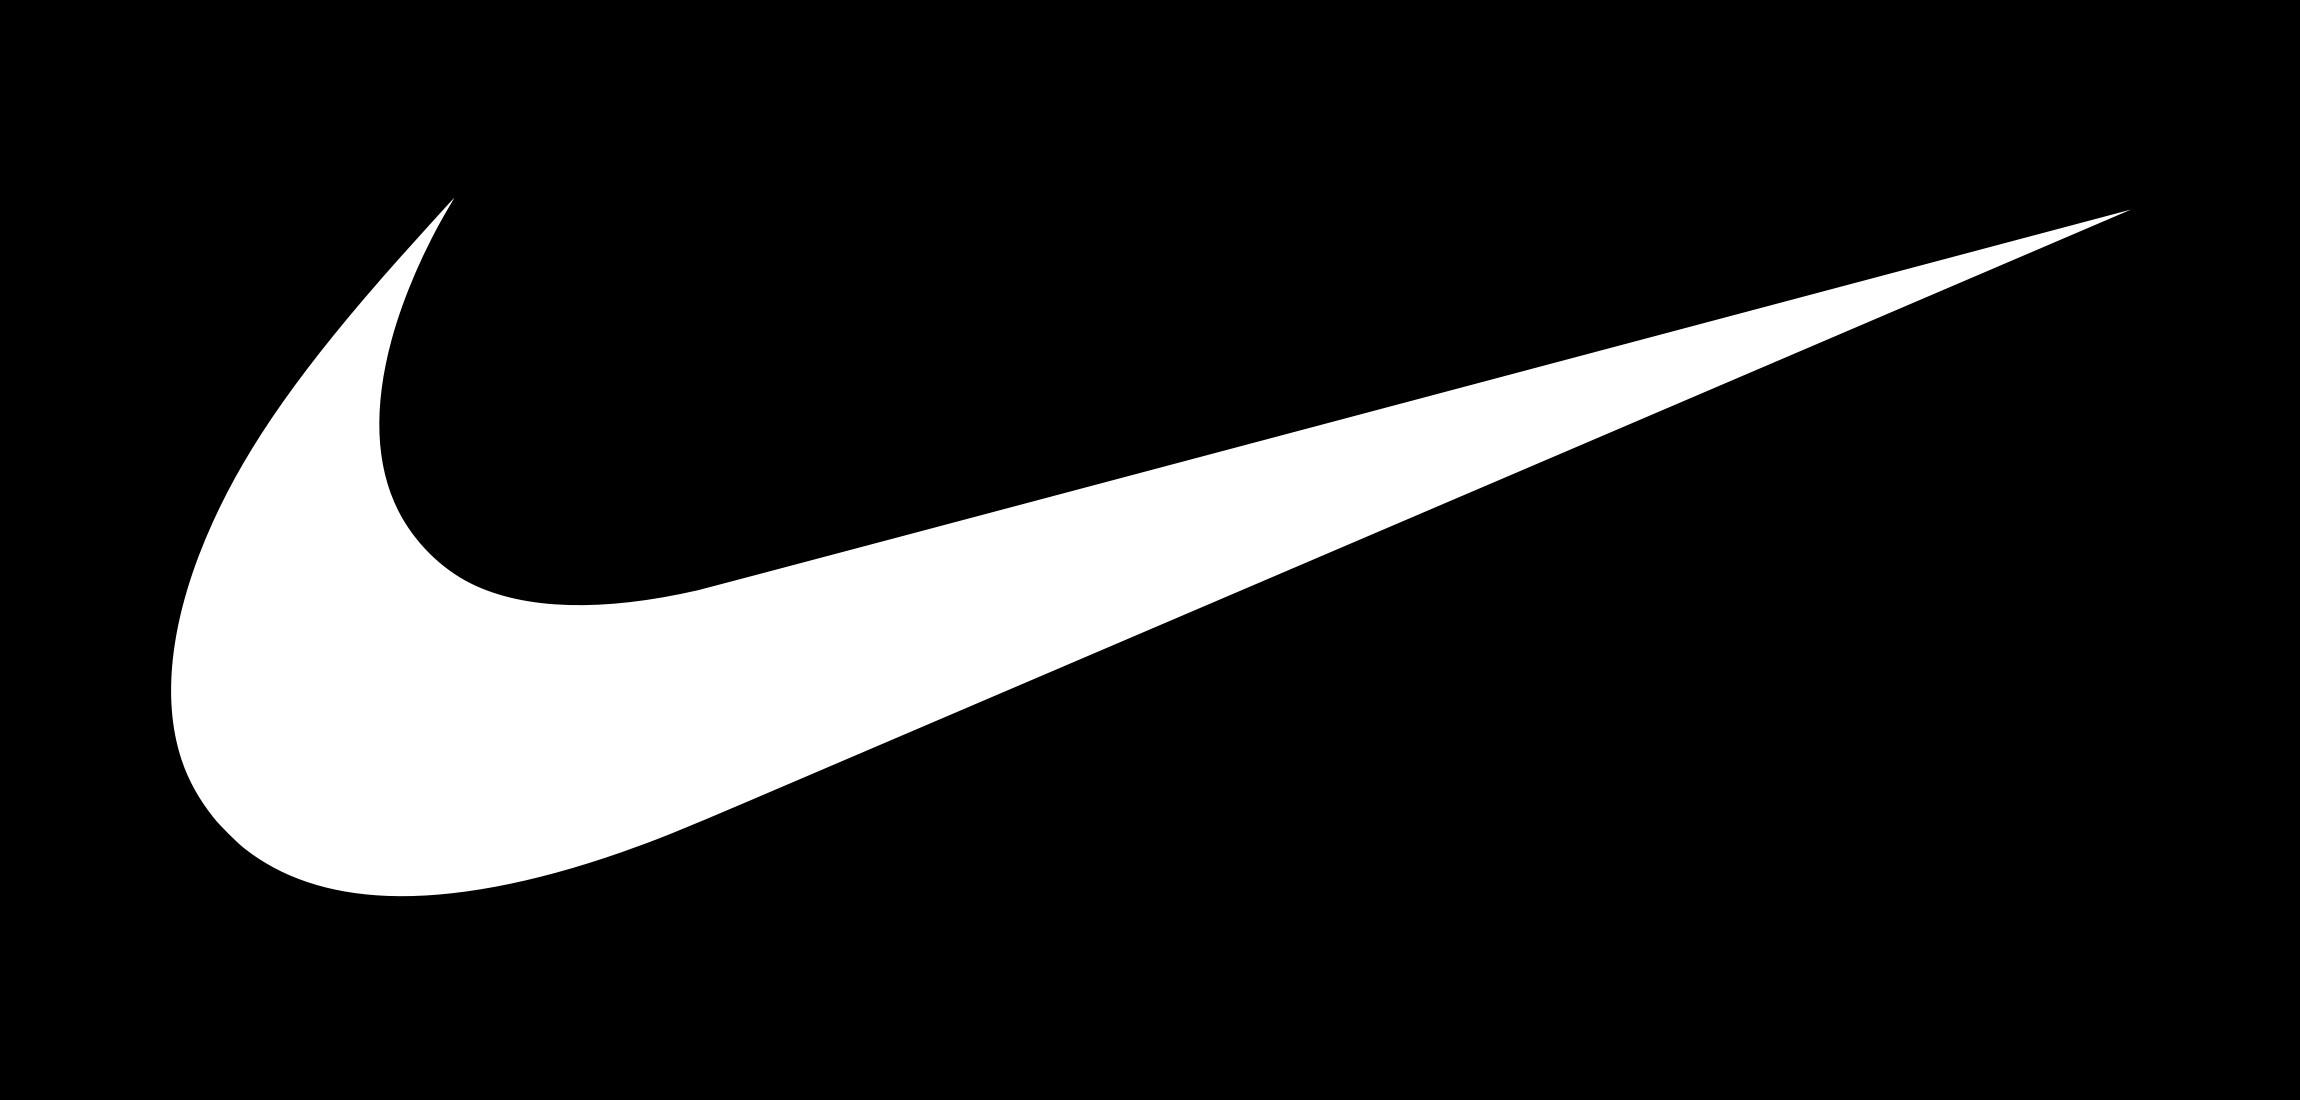 Nike Swoosh Wallpaper (56+ images)